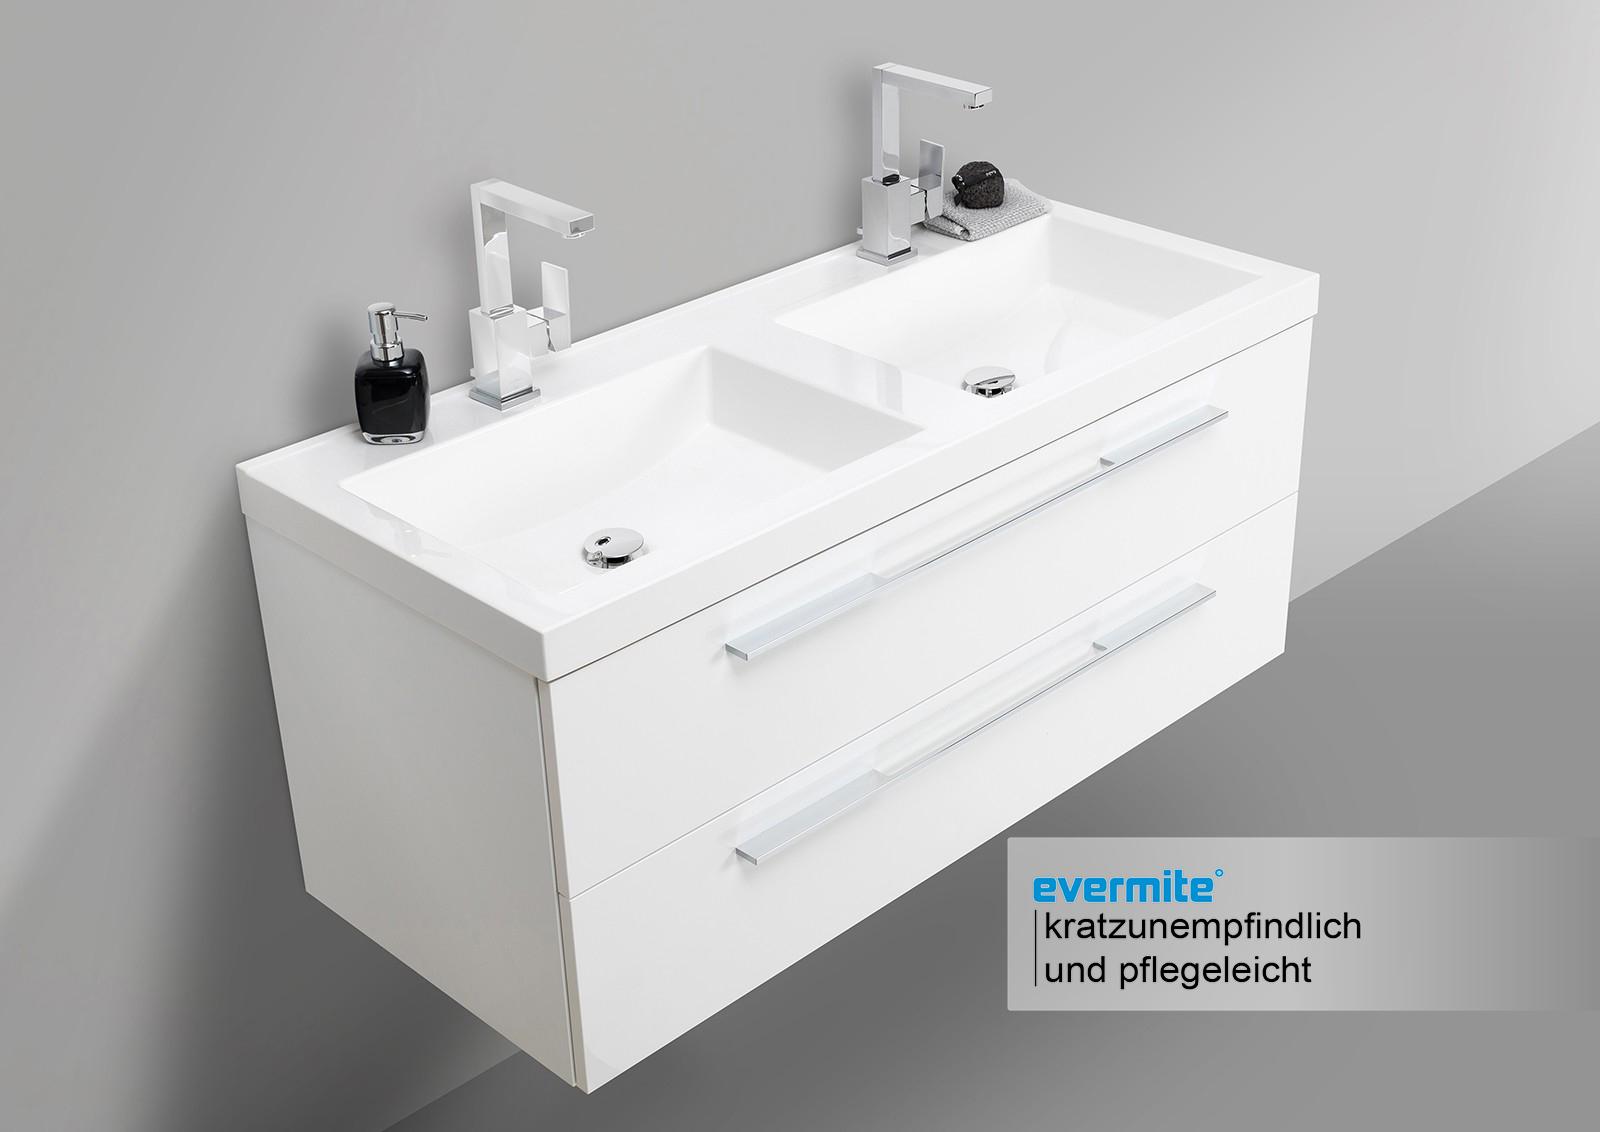 badm bel set doppelwaschtisch 120 cm evermite mit. Black Bedroom Furniture Sets. Home Design Ideas